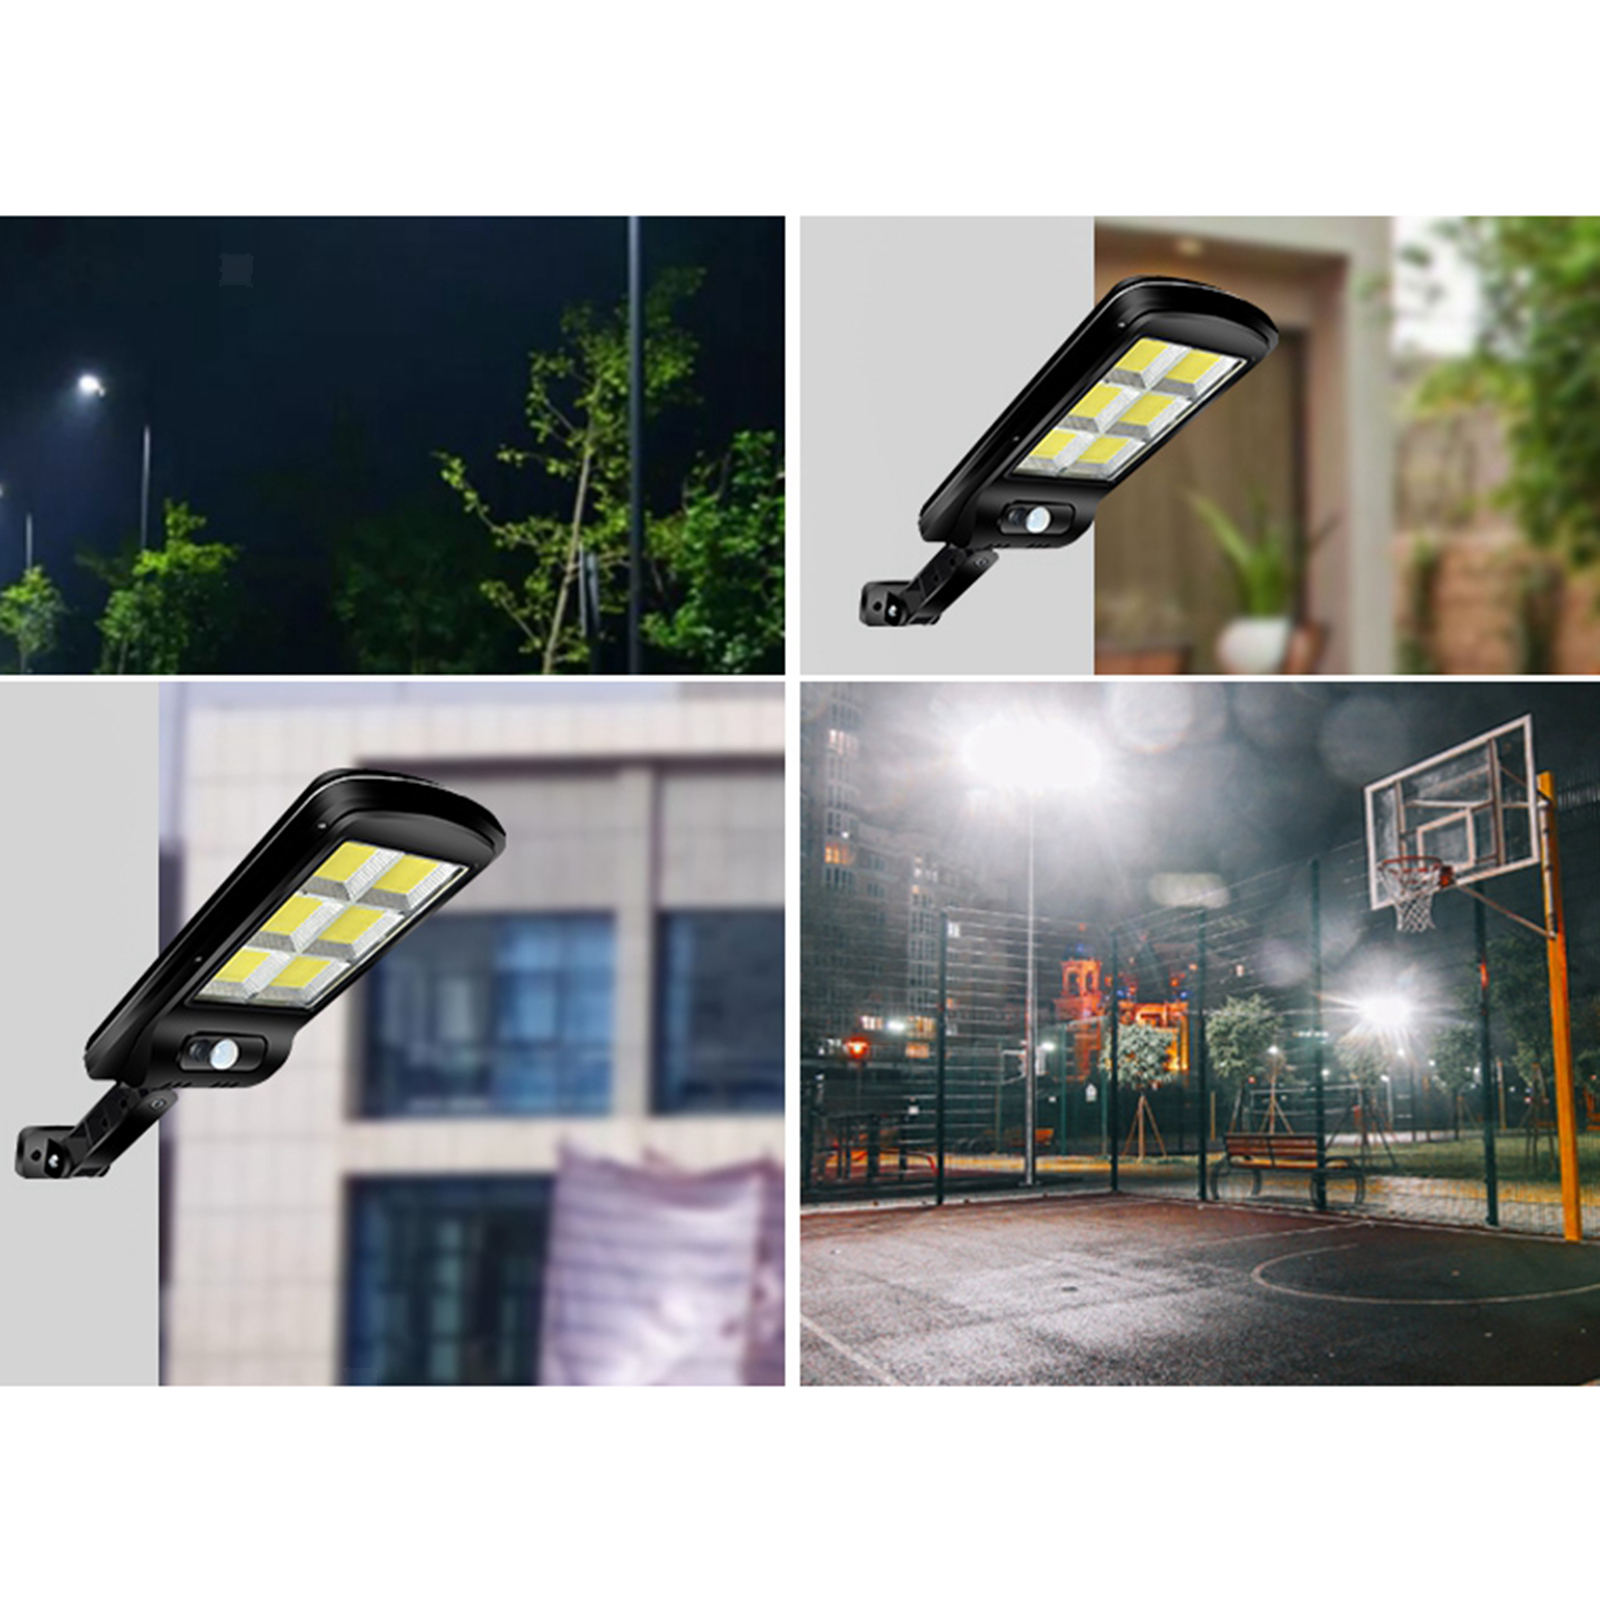 Corps-de-reverbere-a-LED-a-energie-solaire-detectant-la-lumiere miniatura 25